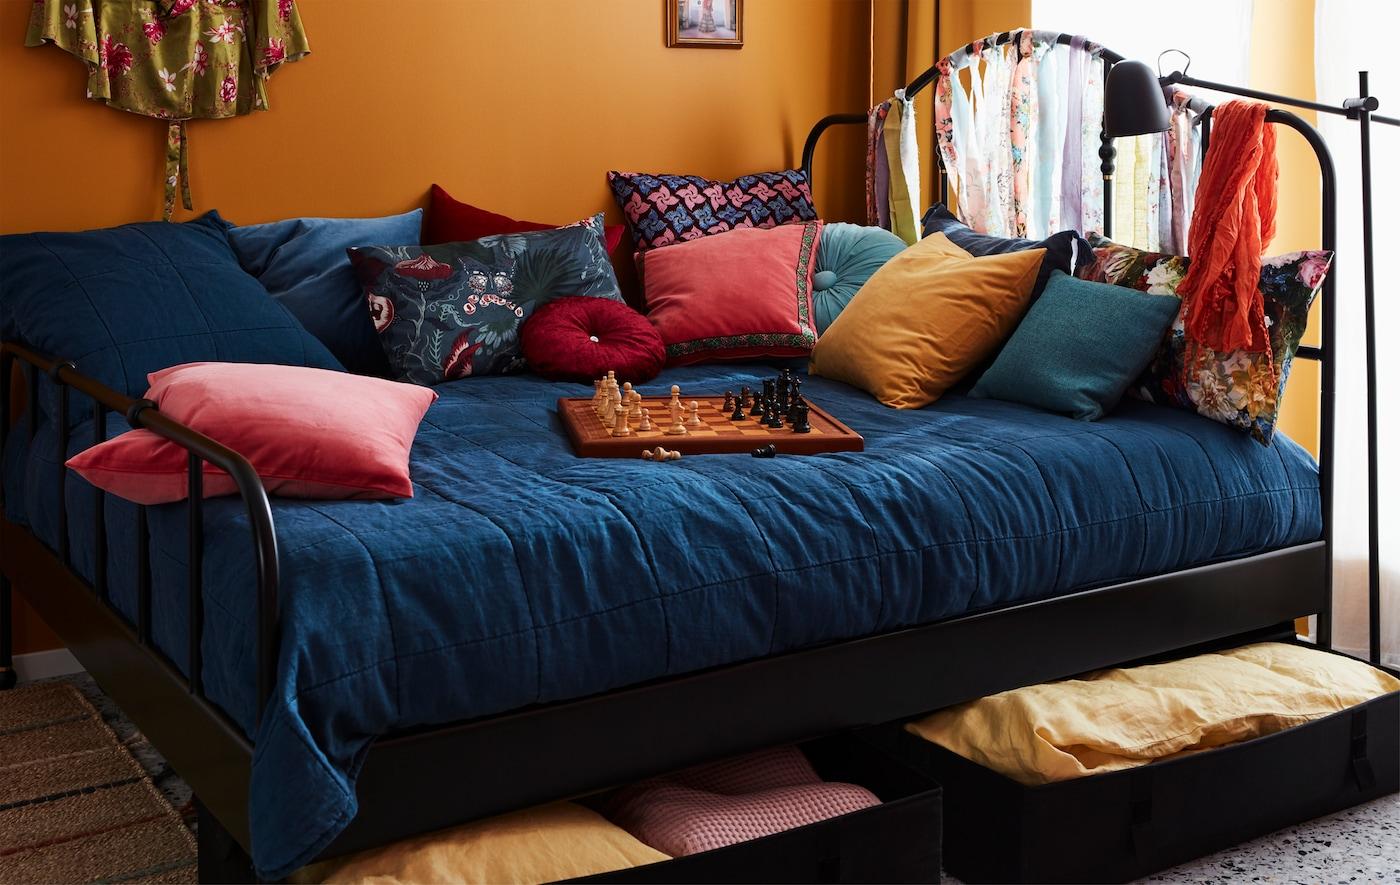 Letto ampio e colorato, con cuscini e una scacchiera, sotto al quale sono riposte delle scatole con coperte e lenzuola - IKEA